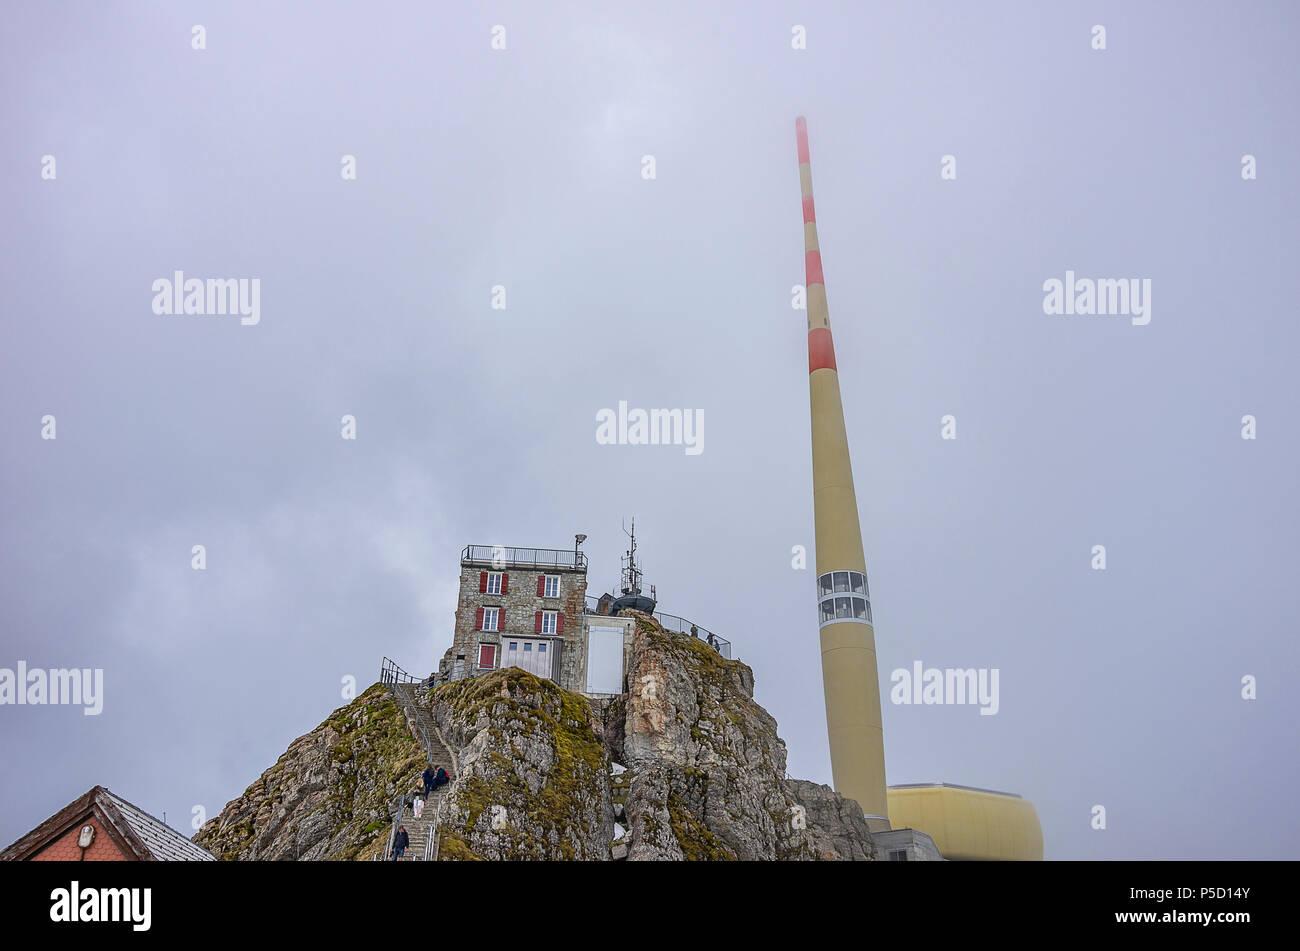 Auf dem Gipfel des Säntis, Appenzell Alpen, Schweiz - Nebengebäude und Sender. Stockfoto